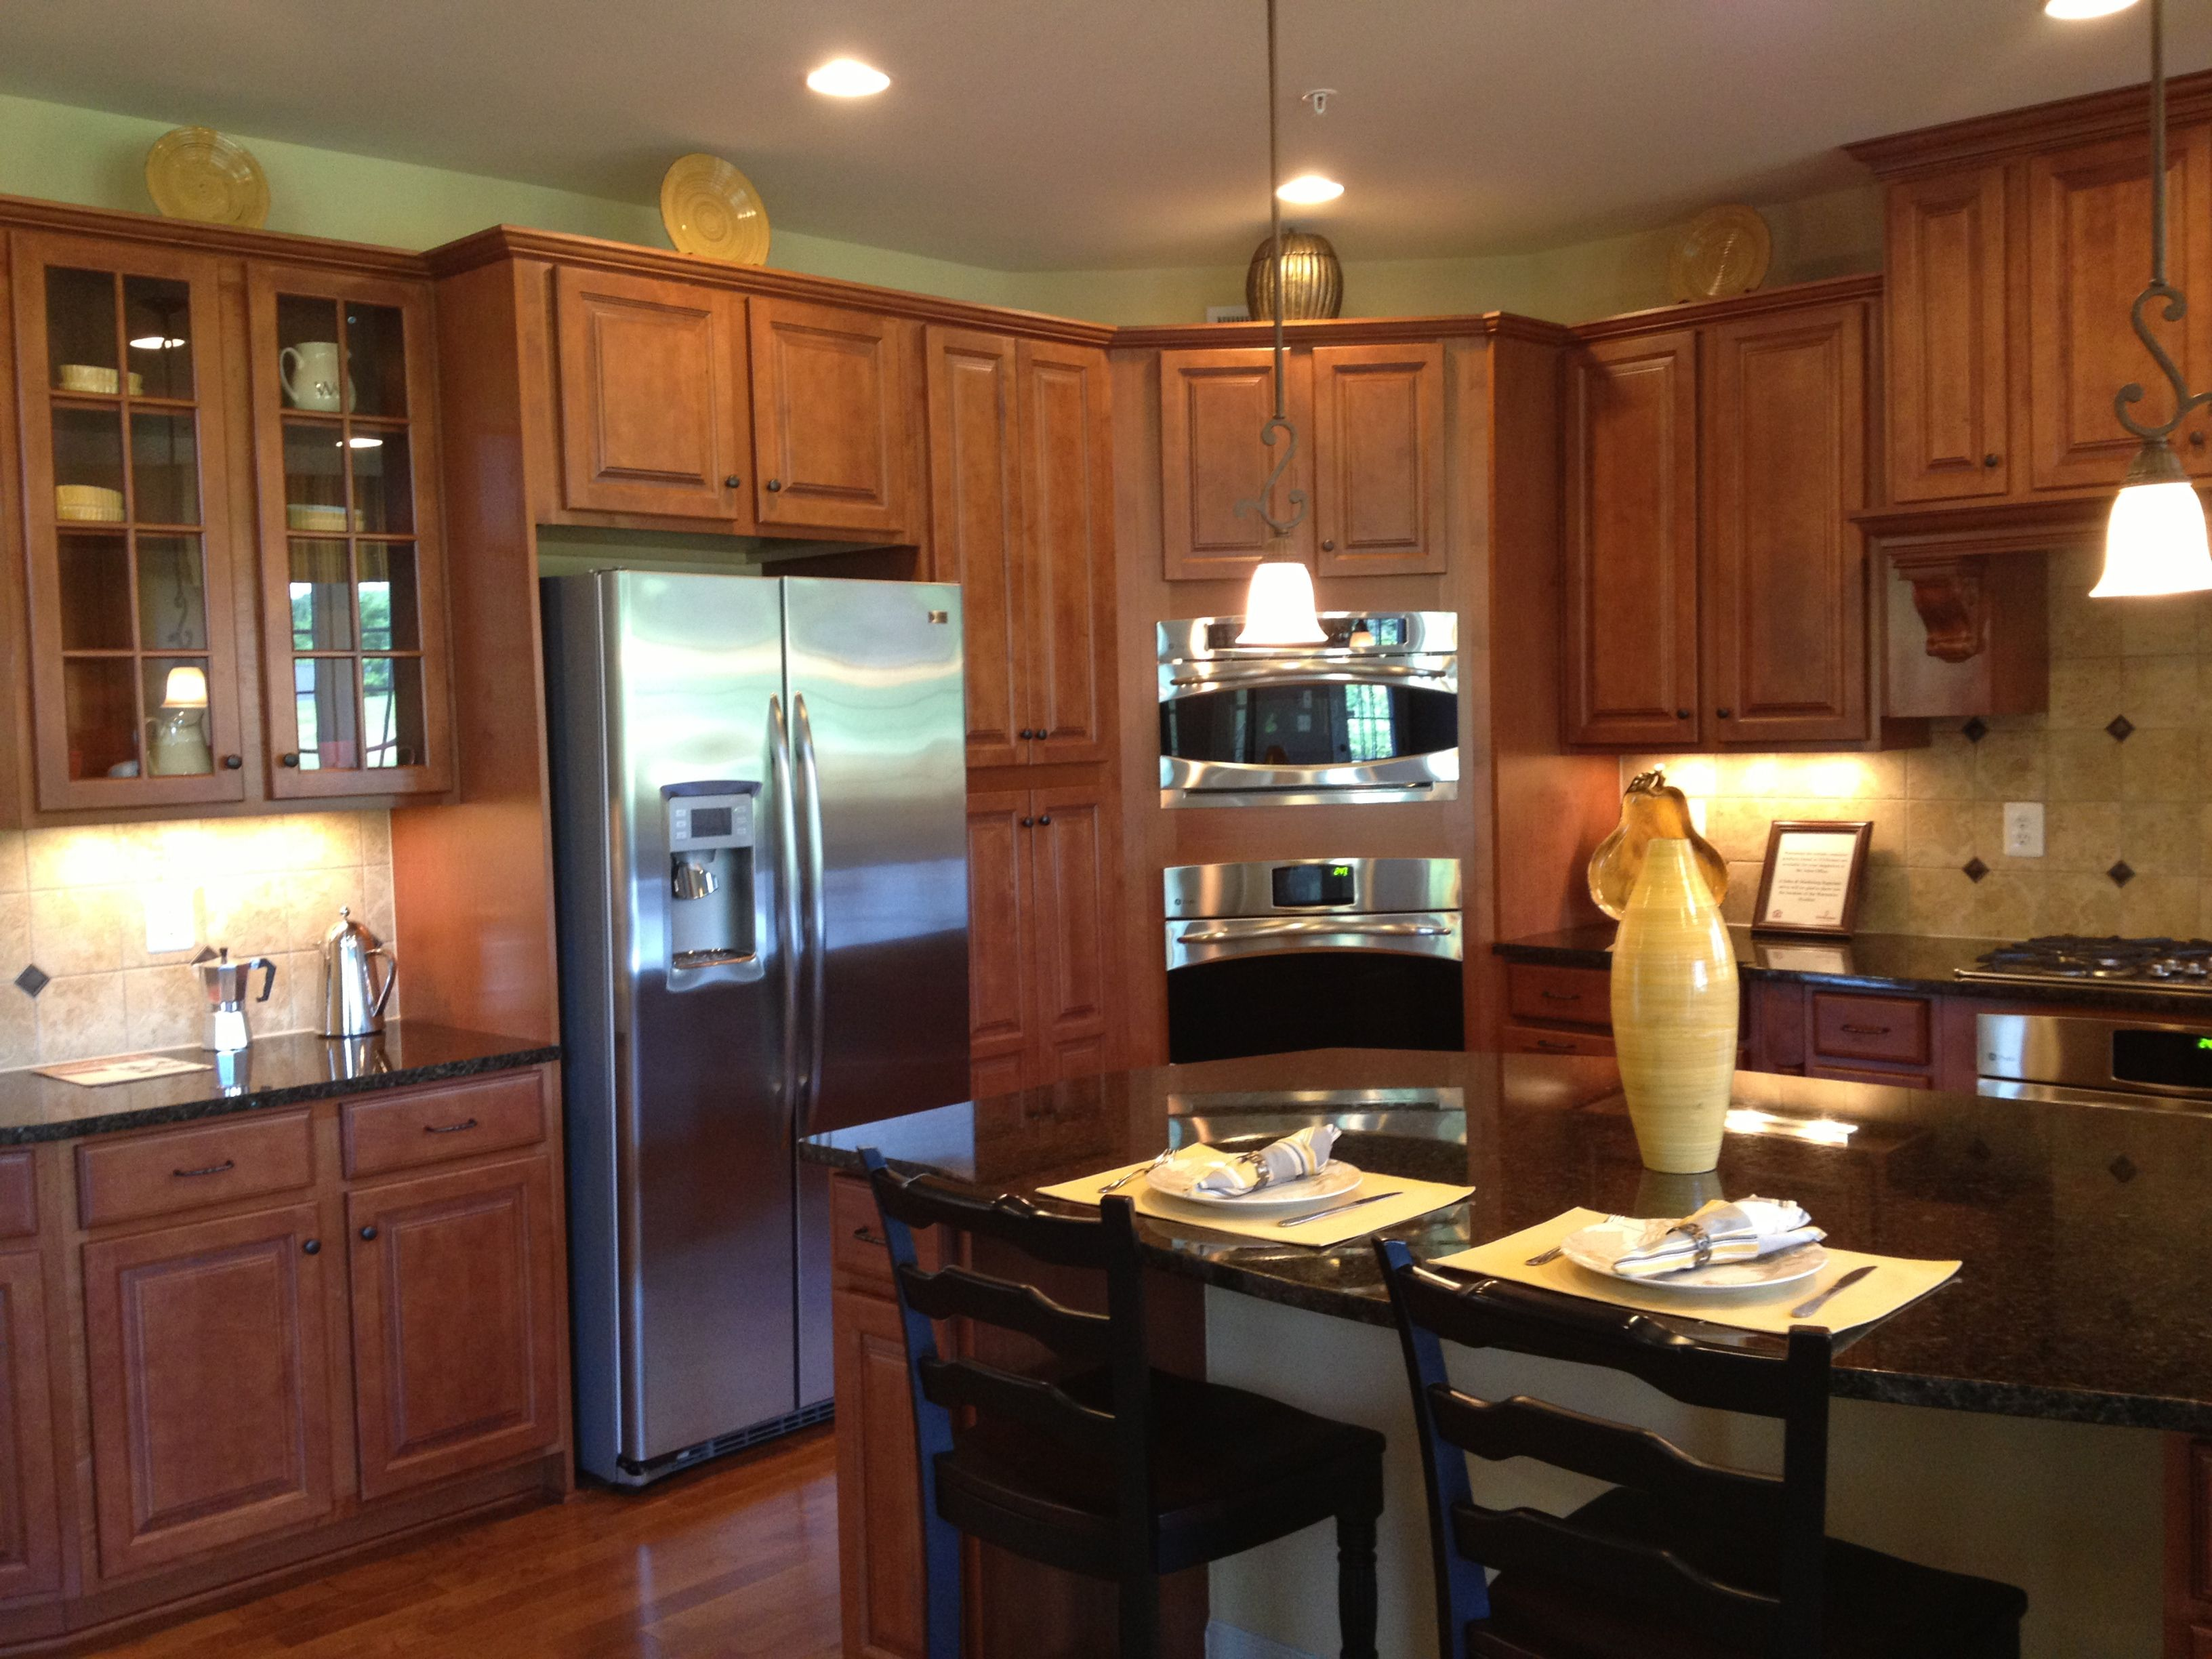 Paradise kitchen kitchen kitchen dream house